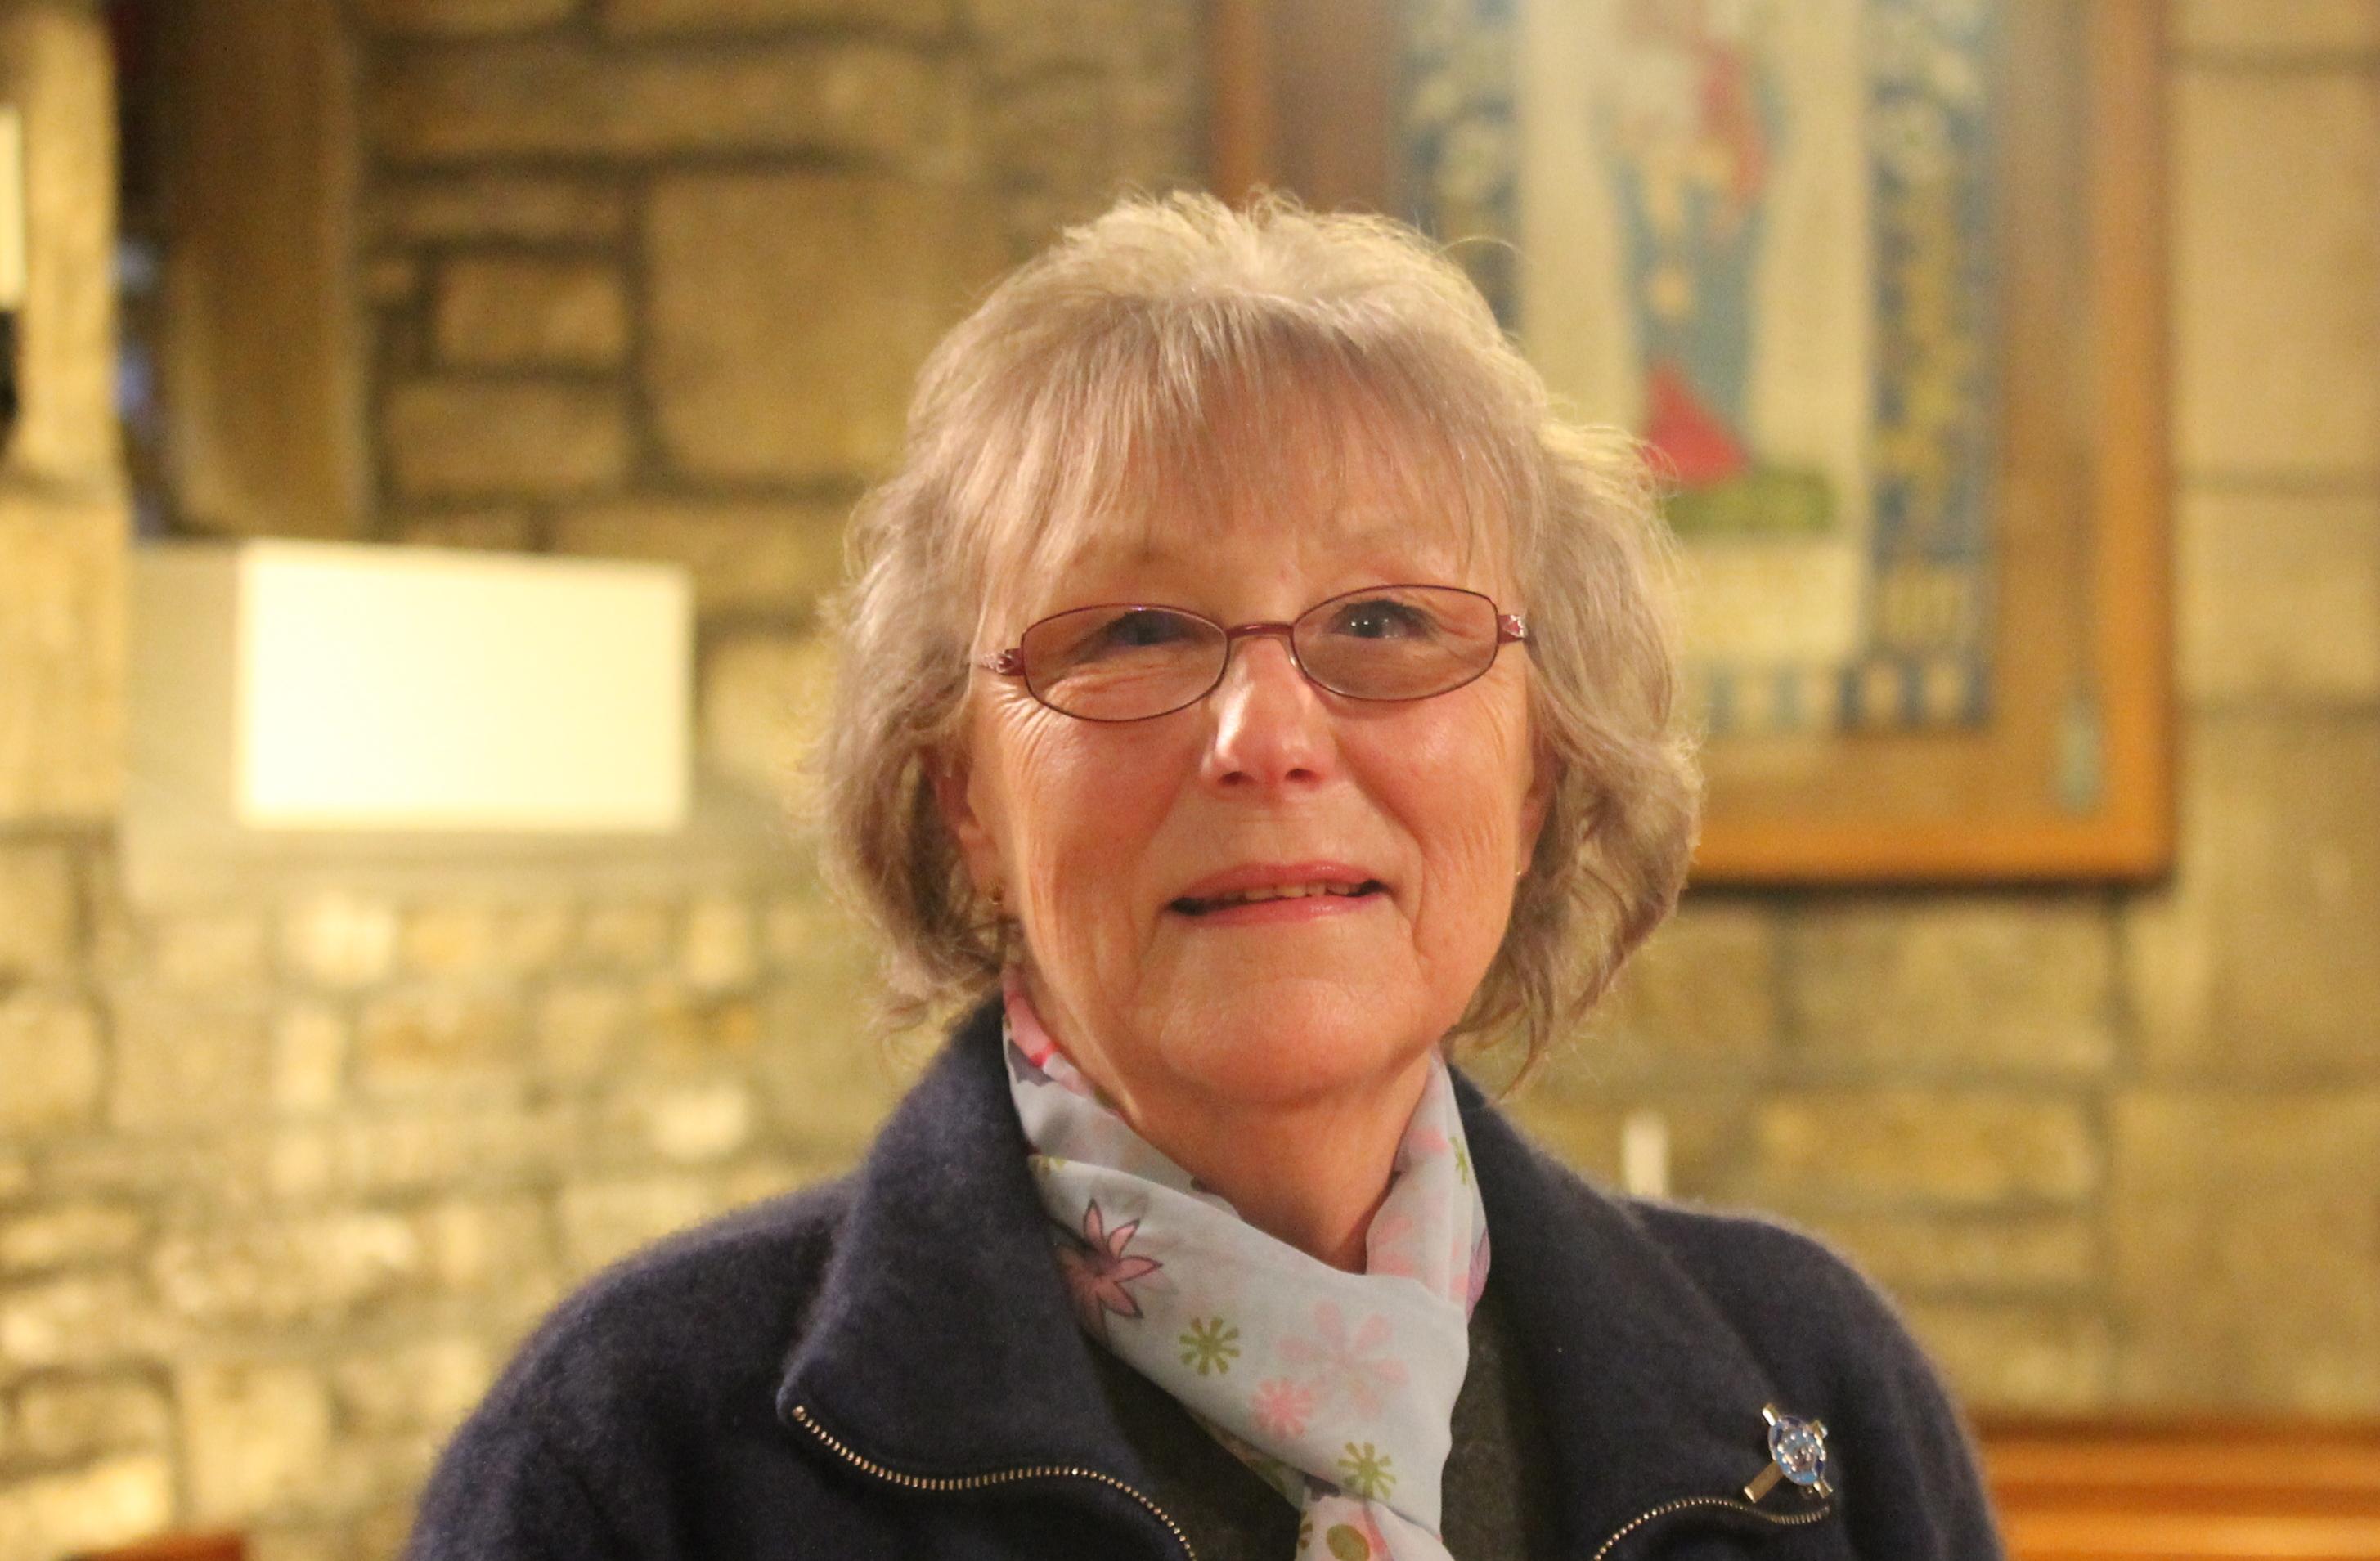 Barbara Tate